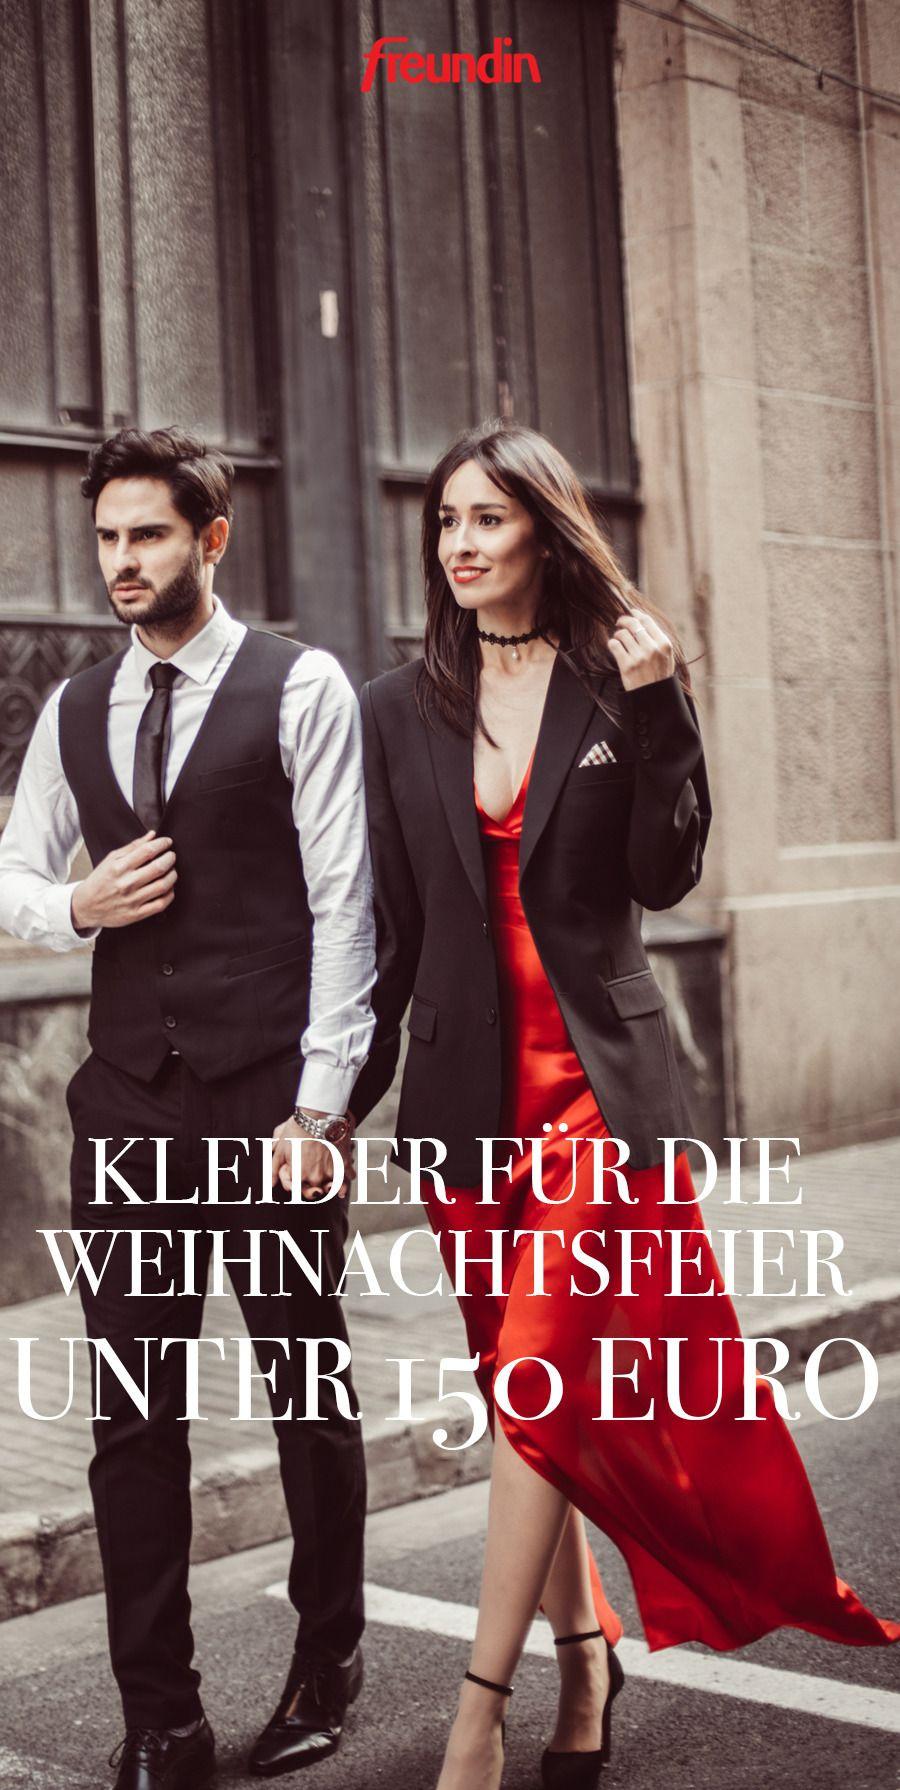 Kleider für die Weihnachtsfeier unter 13 Euro  freundin.de